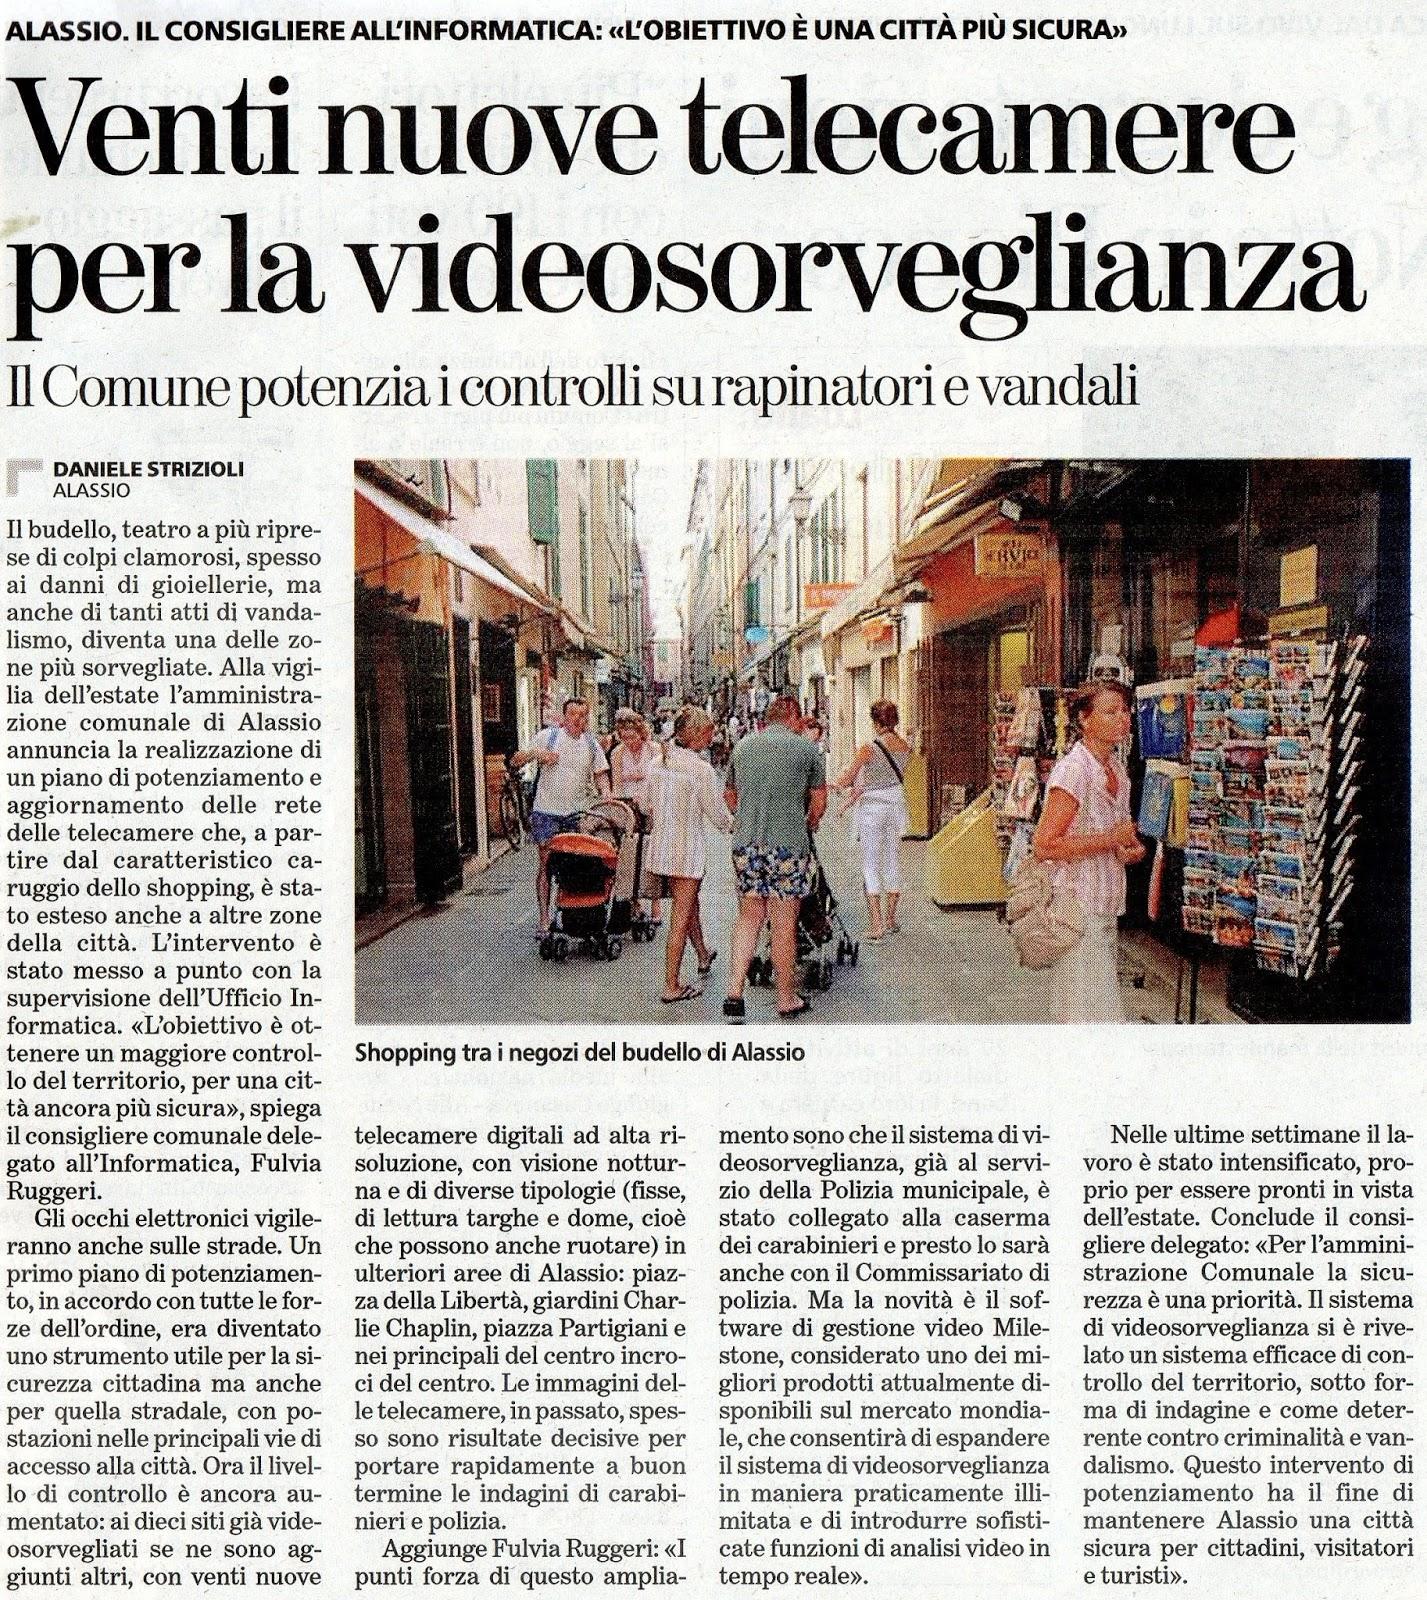 ALASSIO 2011: ALASSIO, POTENZIATO IL SISTEMA DI VIDEOSORVEGLIANZA.